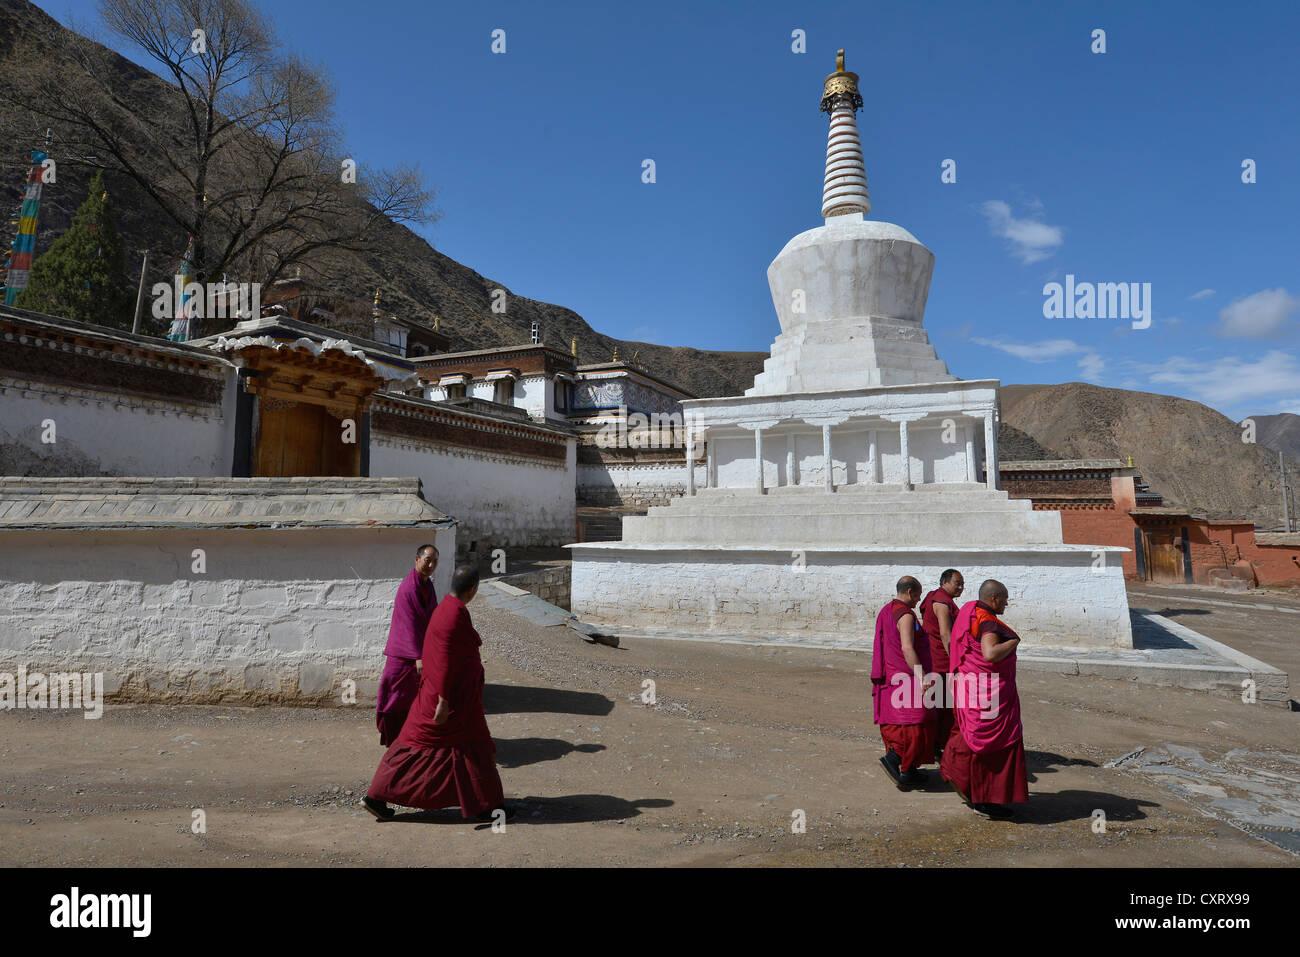 El budismo tibetano, los monjes en frente de una estupa blanca y los edificios del monasterio, construido en el estilo arquitectónico tradicional Foto de stock